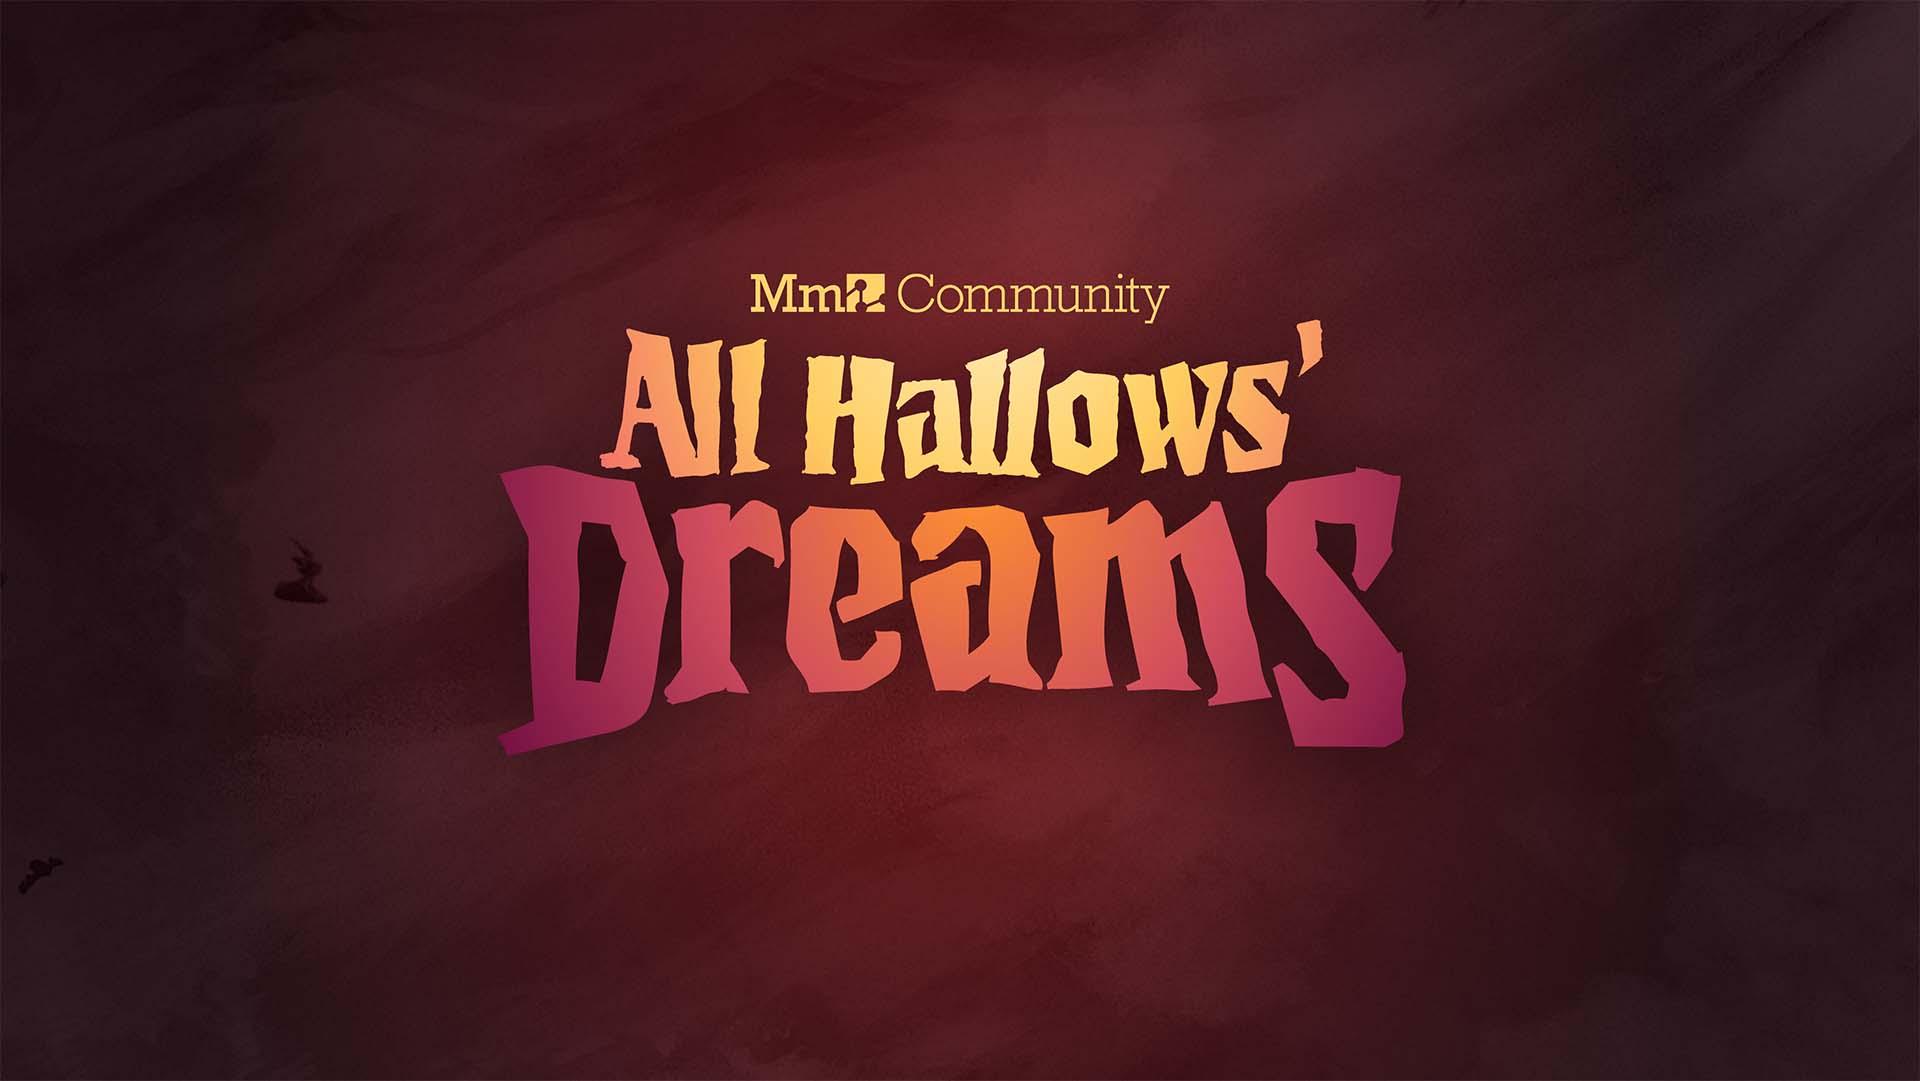 Logo des All Hallows' Dreams.